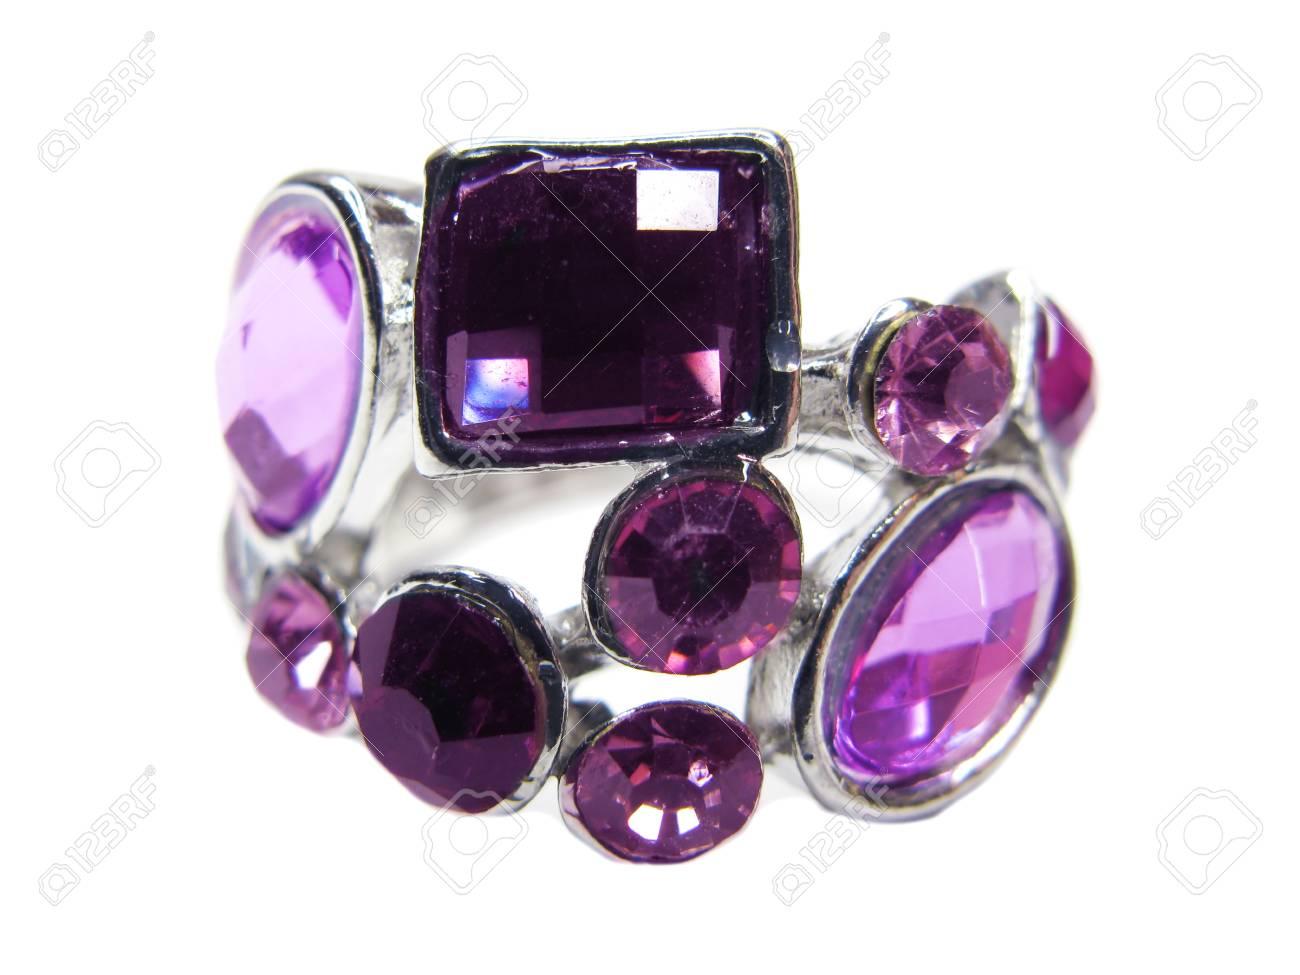 e9aca76c53cb0e Anello di gioielli con cristalli rosa isolato su sfondo bianco Archivio  Fotografico - 12477921